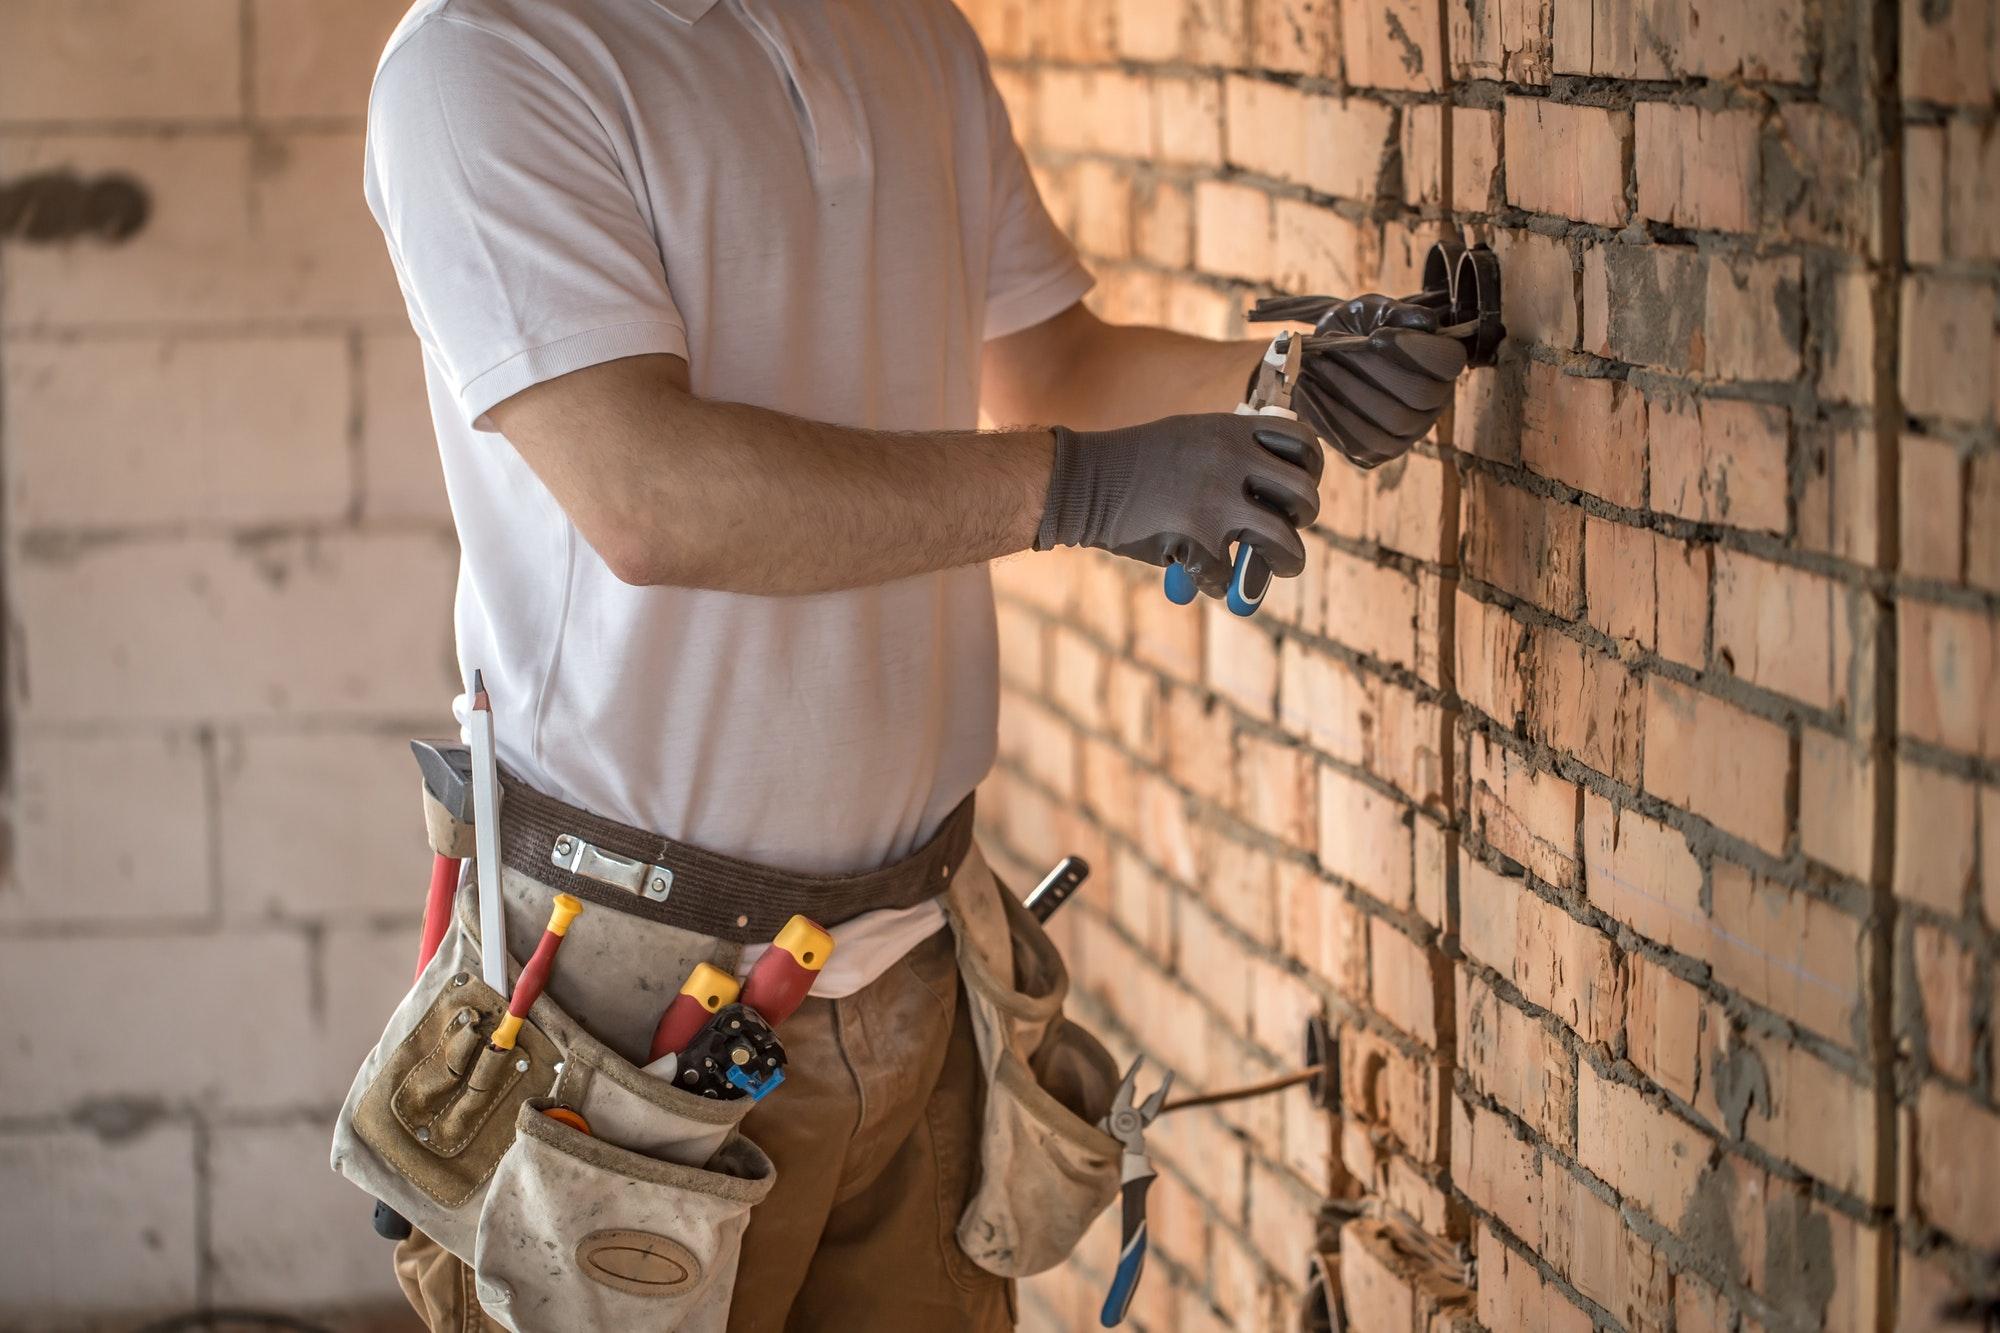 Indfræse el i væg, her kan du se en lille guide som beskriver hvordan vi som elektriker arbejder med en rillefræser og indfræsning af el i f.eks. en beton væg